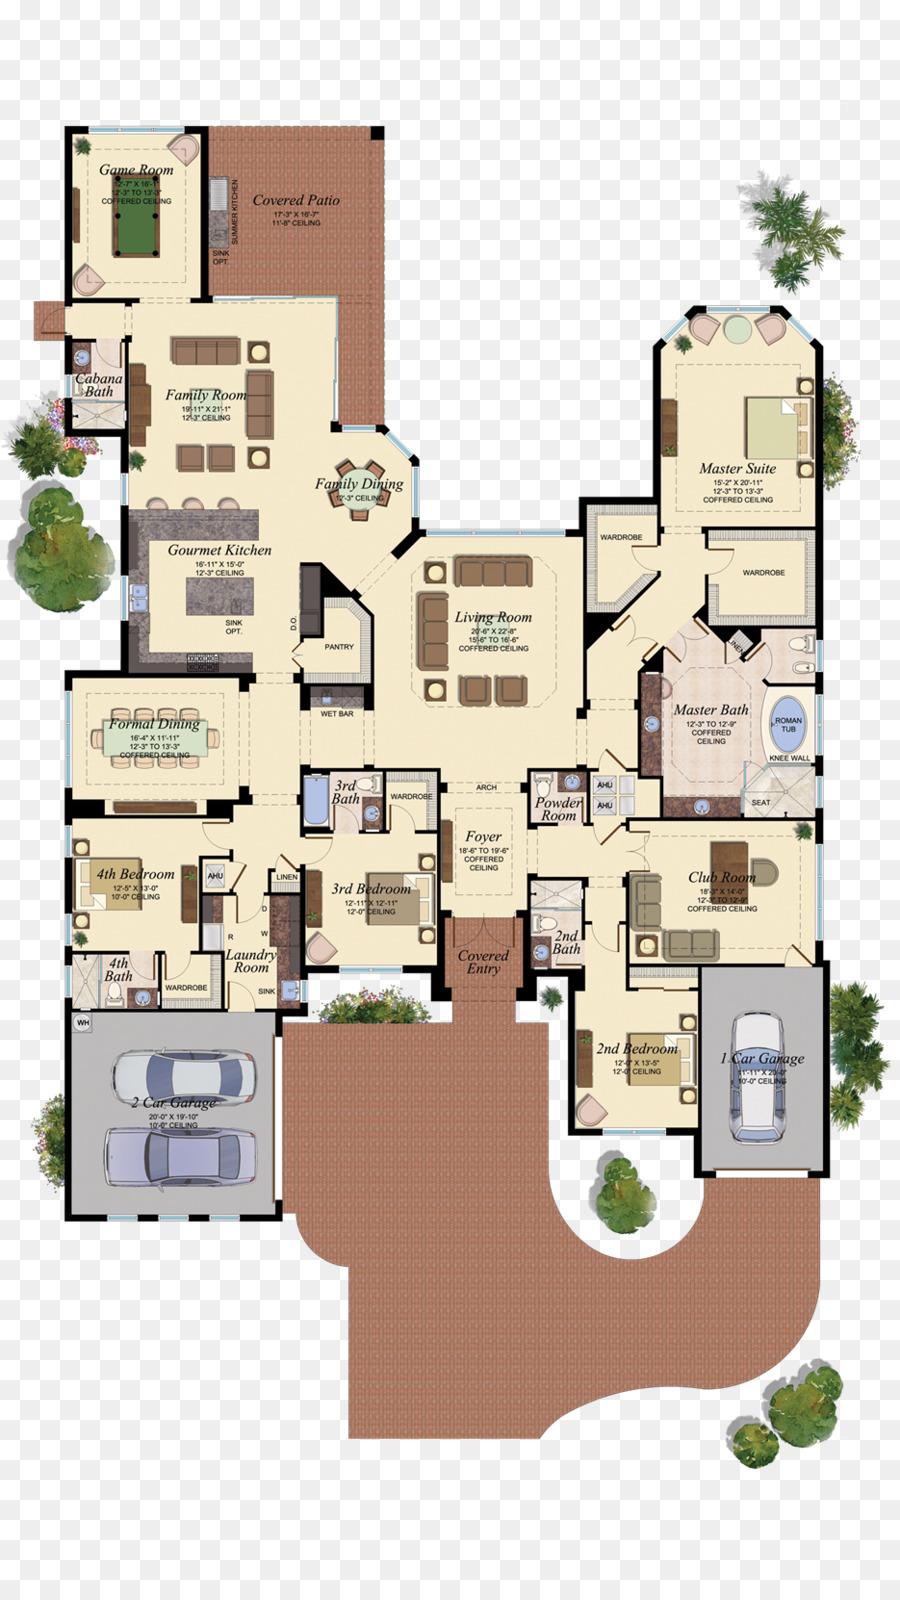 Die Sims 4 Die Sims 3 Haus Planen Grundriss Hof Png